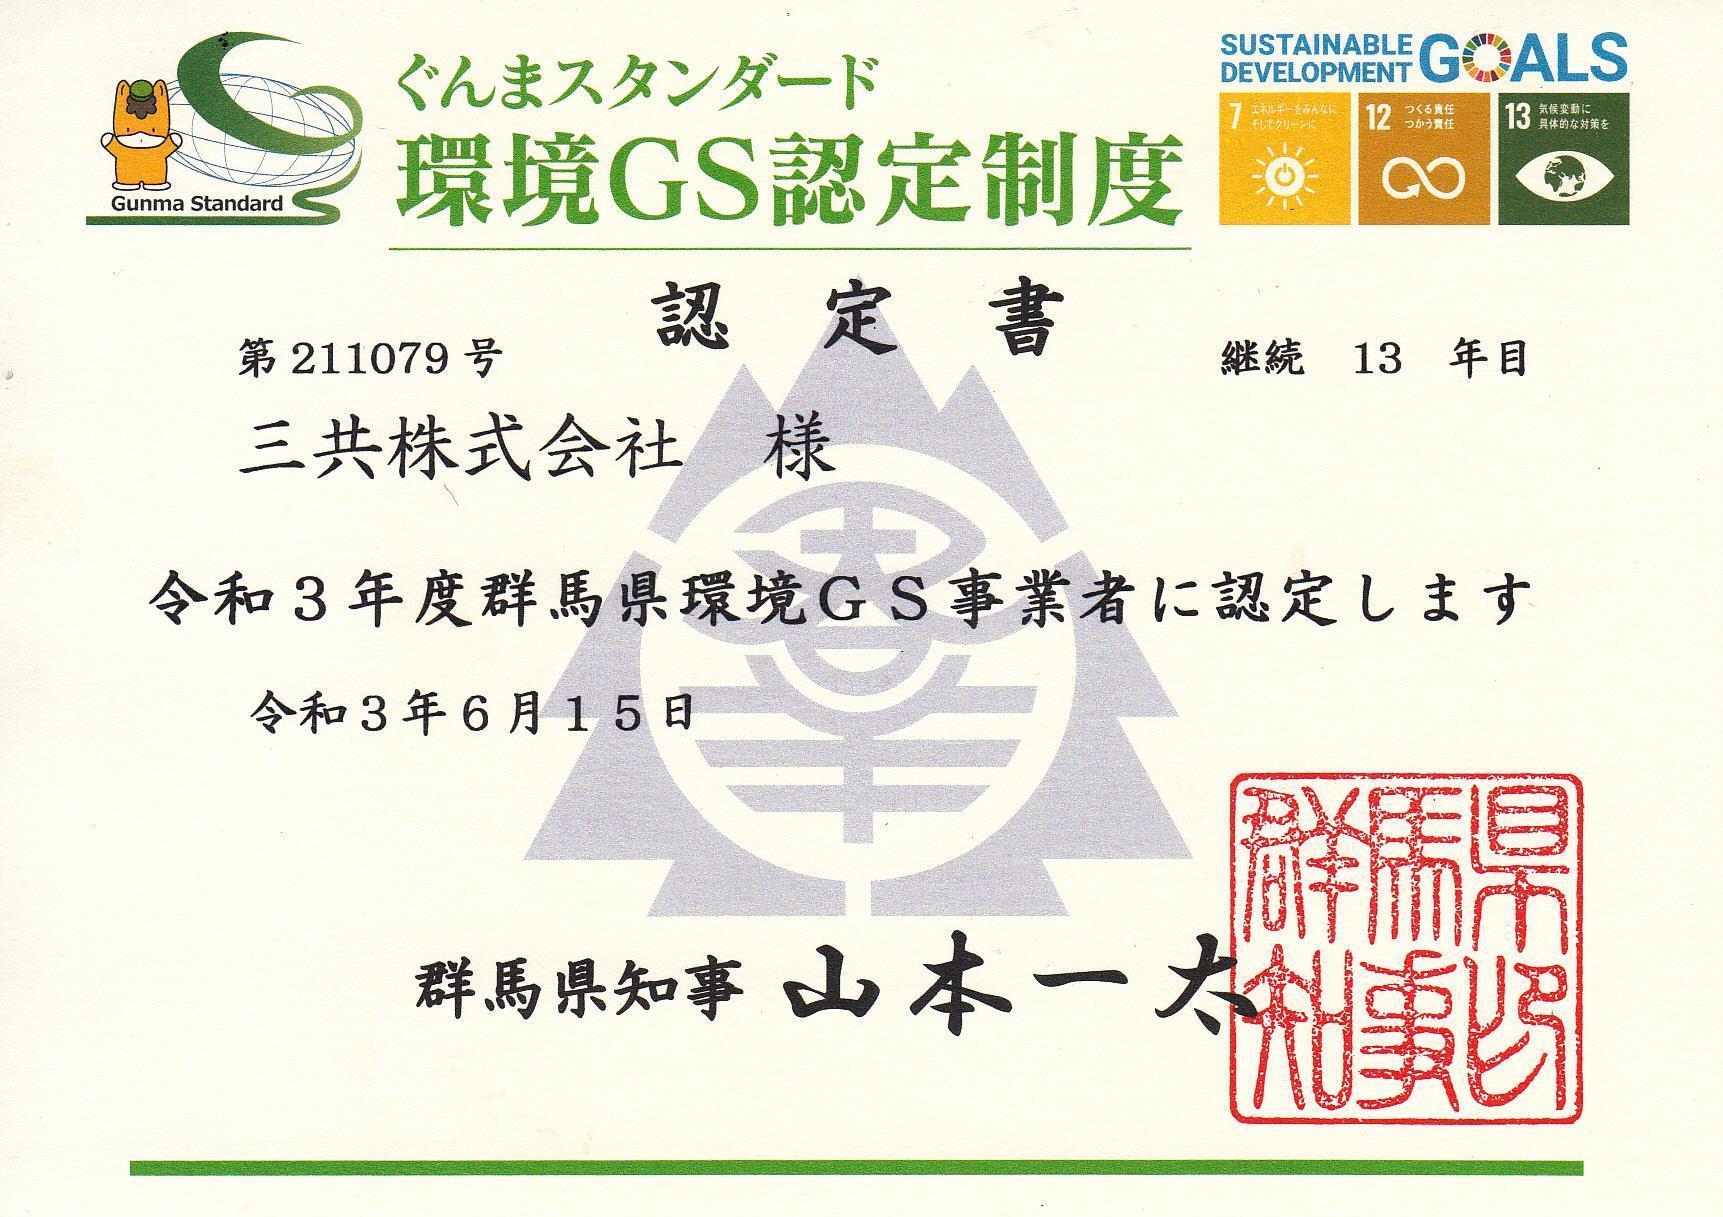 ぐんまスタンダ-ド環境GS認定制度13年目継続 認定